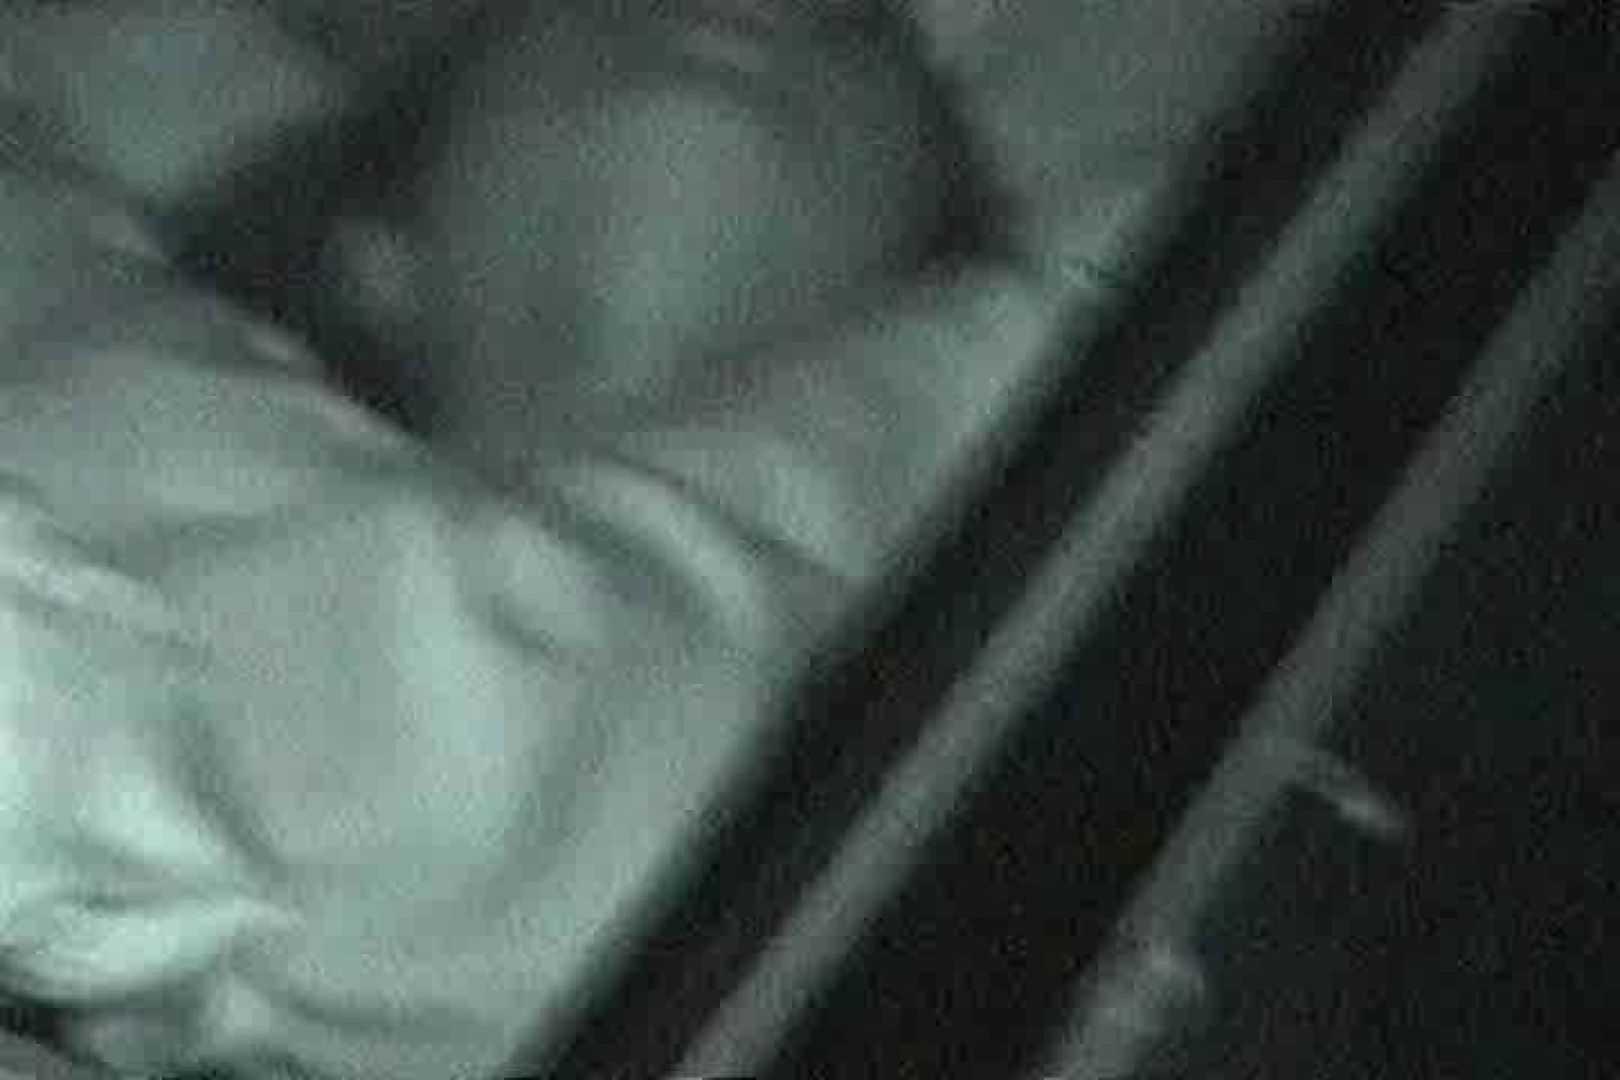 充血監督の深夜の運動会Vol.103 OLの実態 覗き性交動画流出 92pic 58